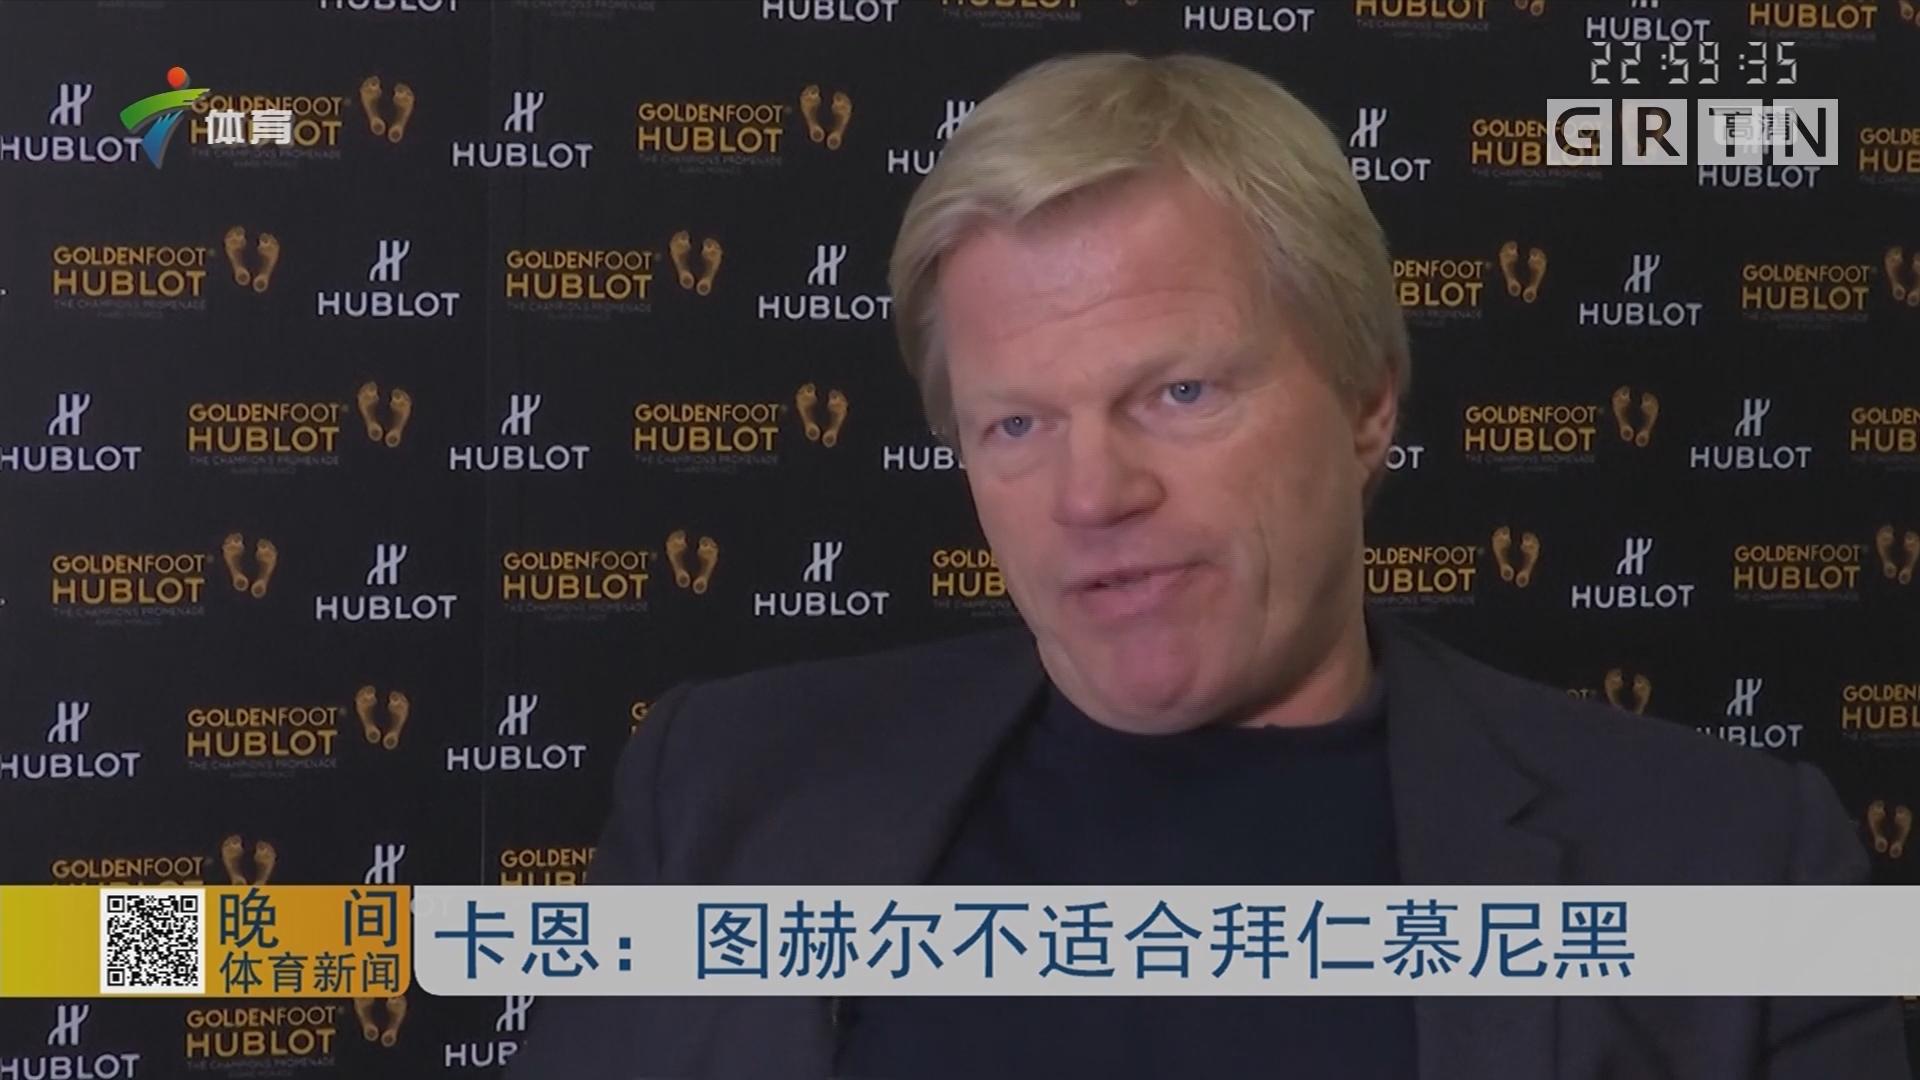 卡恩:图赫尔不适合拜仁慕尼黑